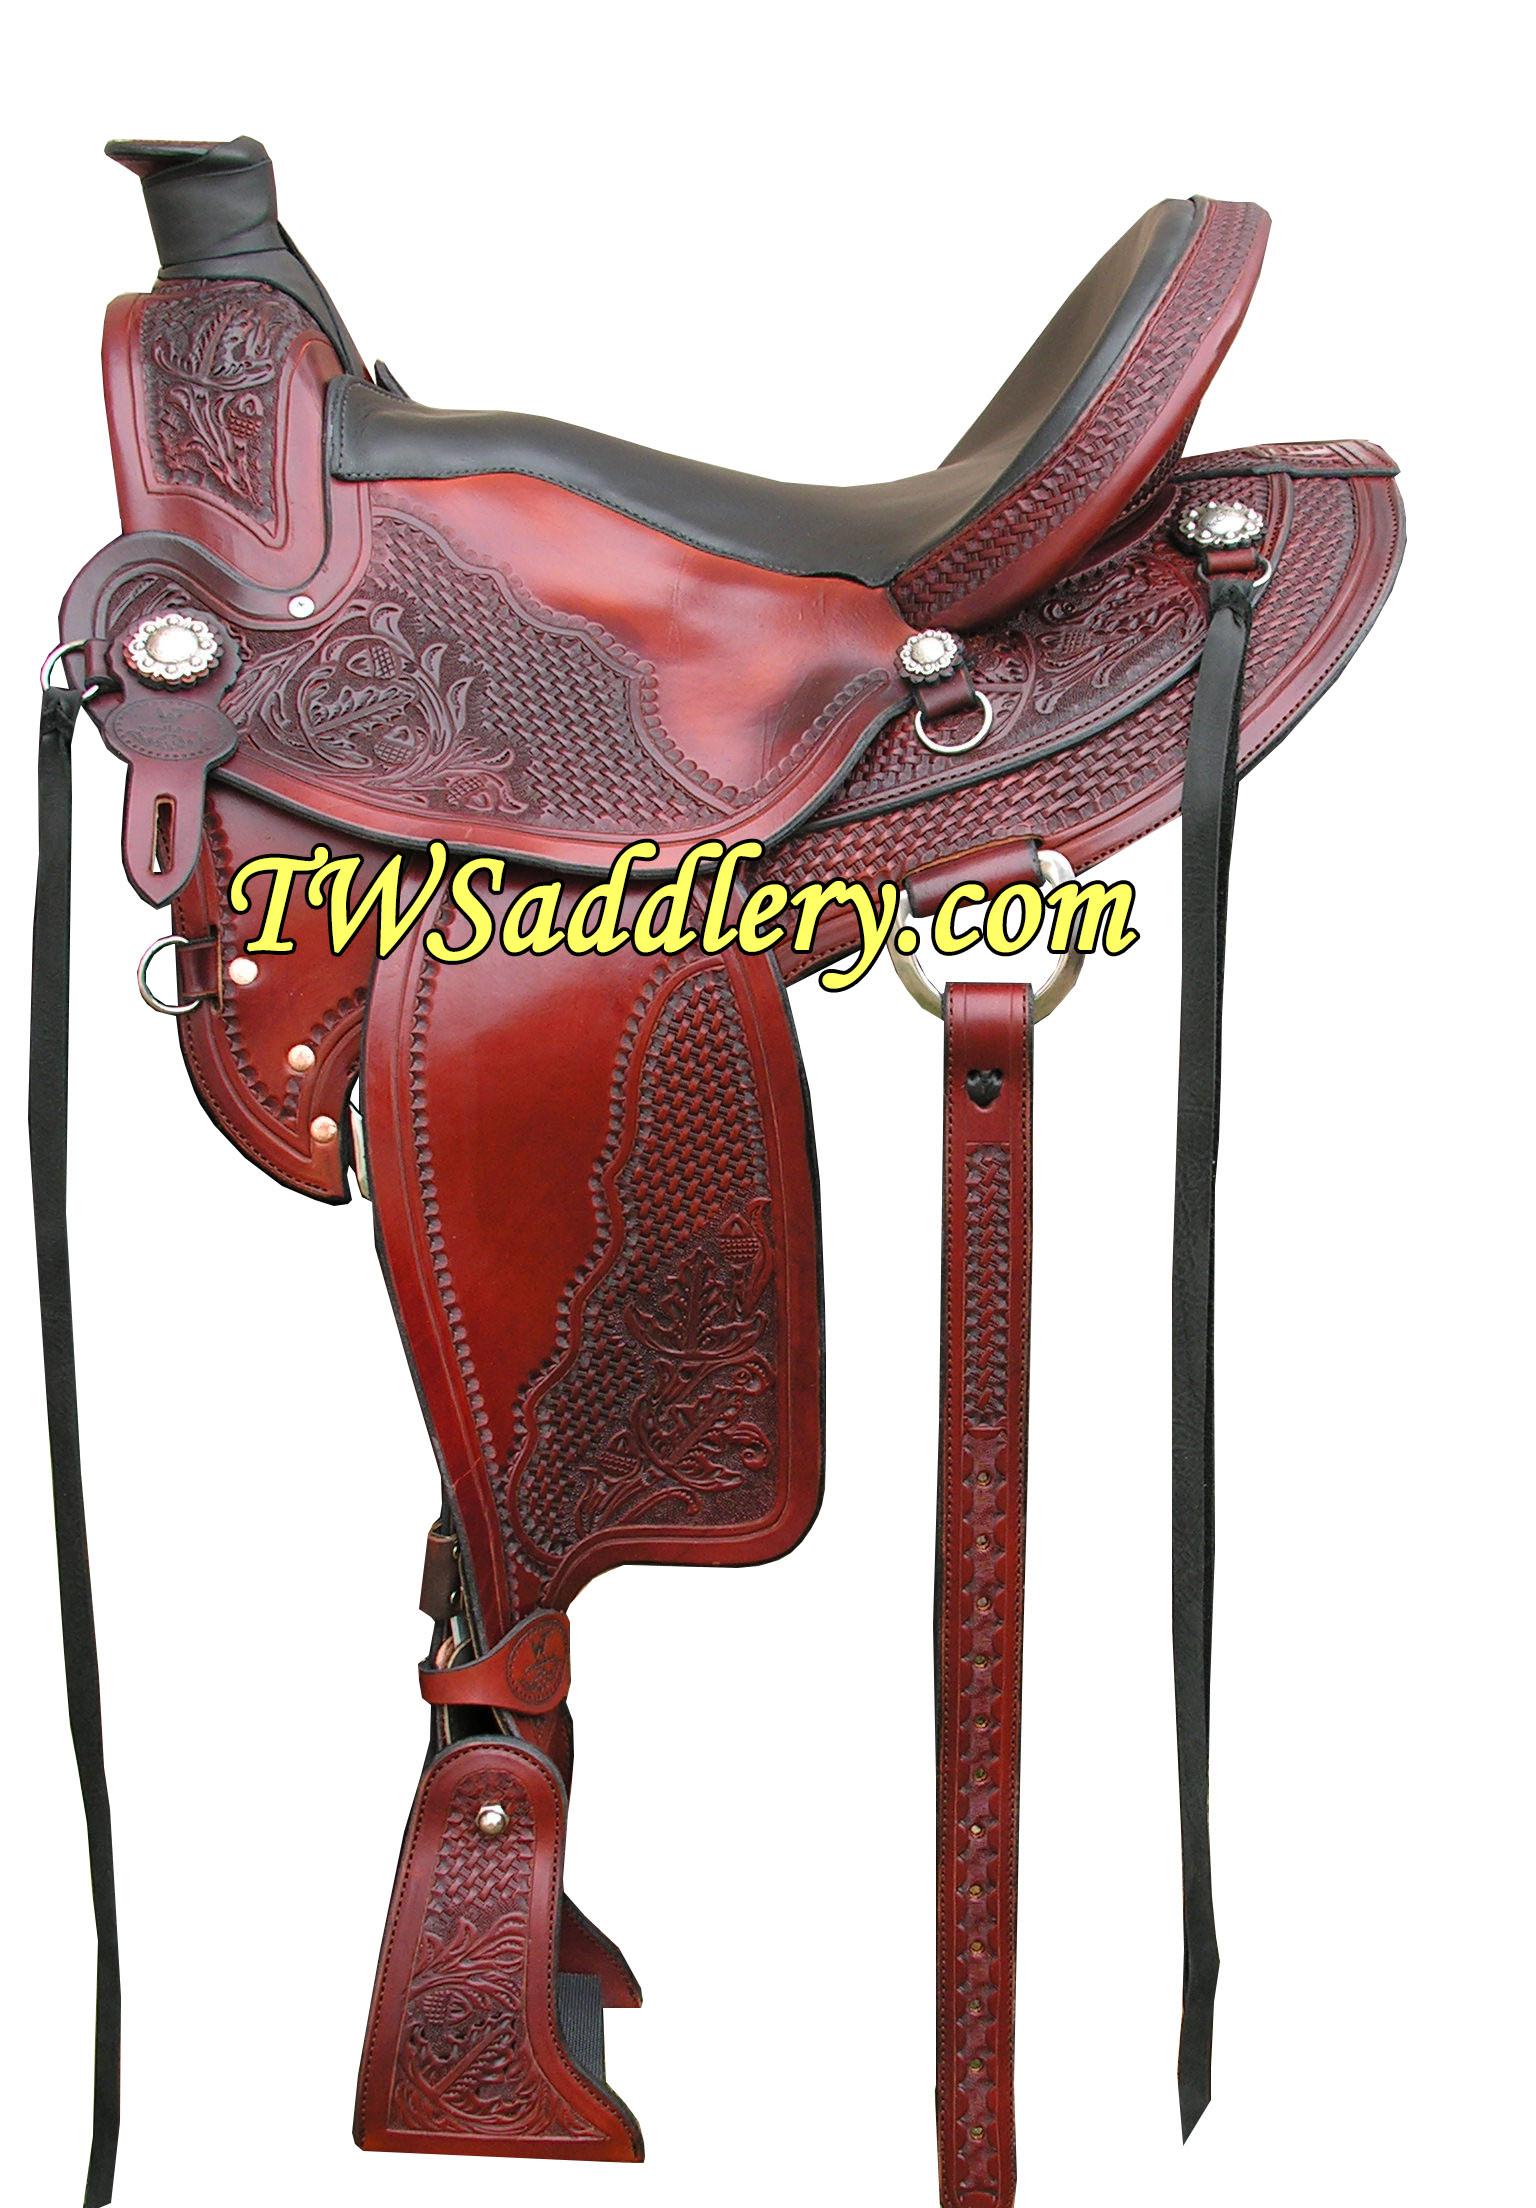 Classic Wade Saddle